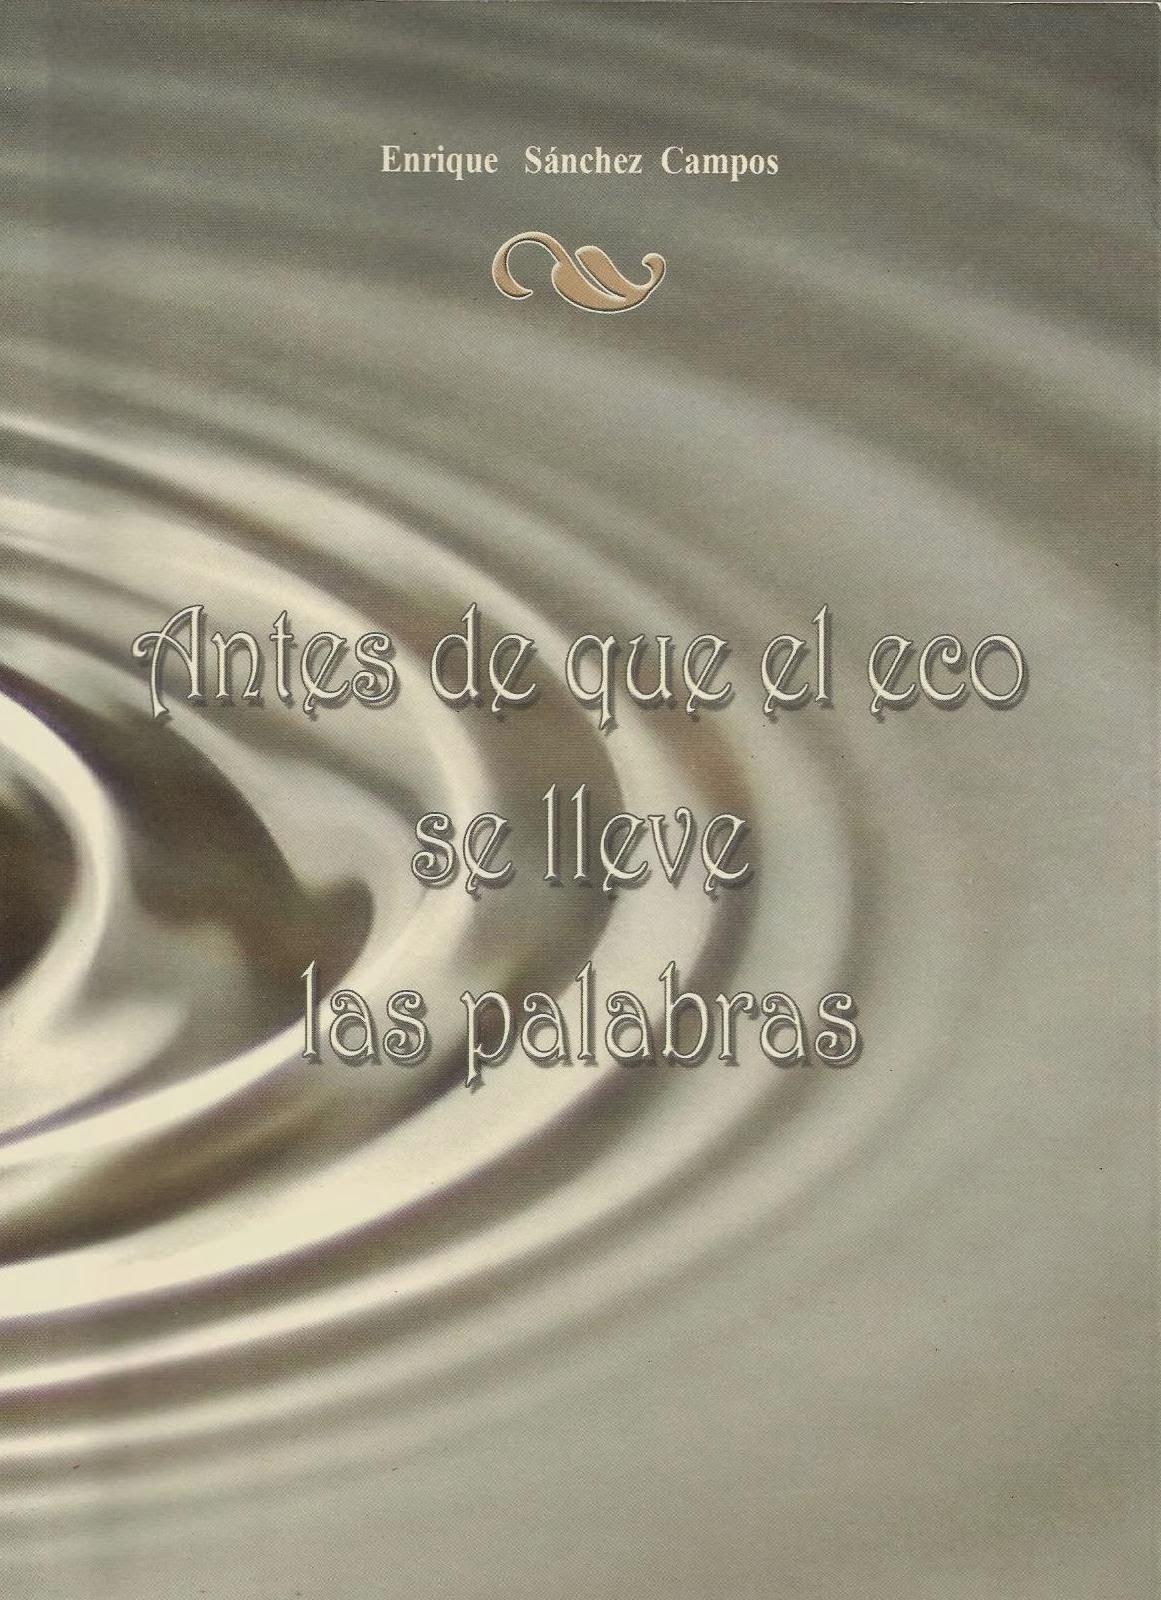 http://www.unionescritores.com/2014/01/antes-de-que-el-eco-se-lleve-las.html